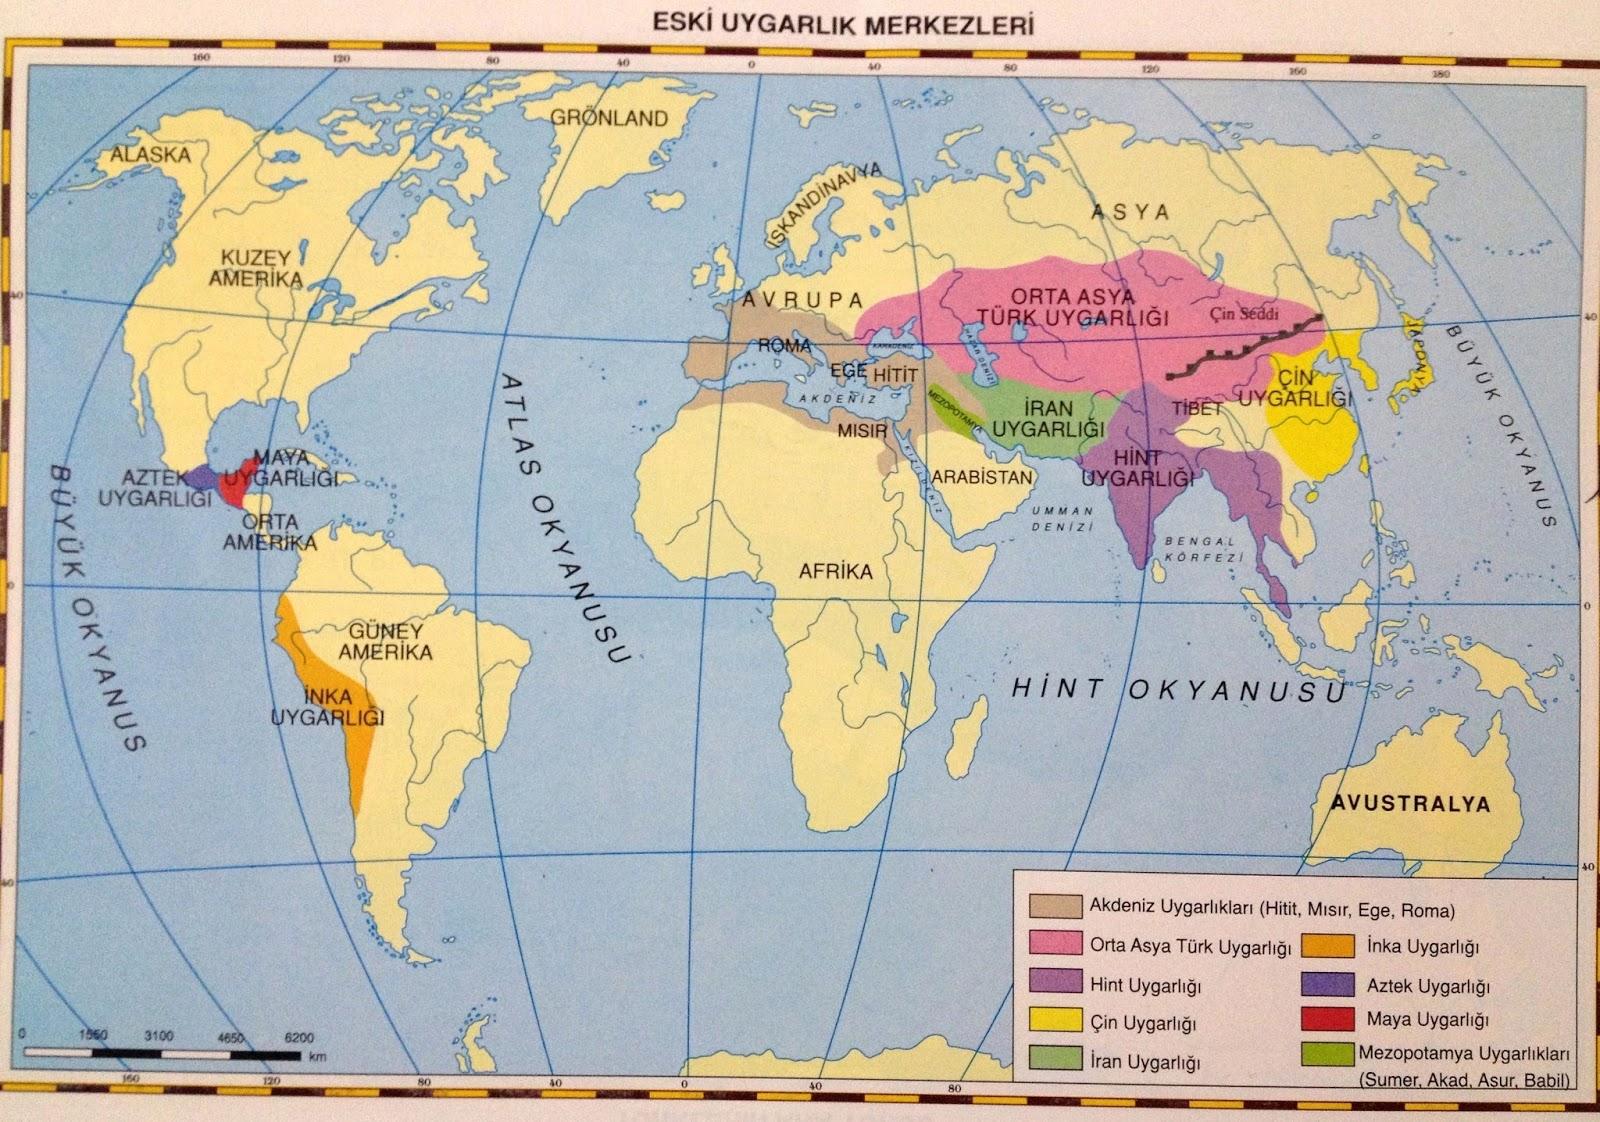 2 ilk cag uygarlik merkezleri haritasi